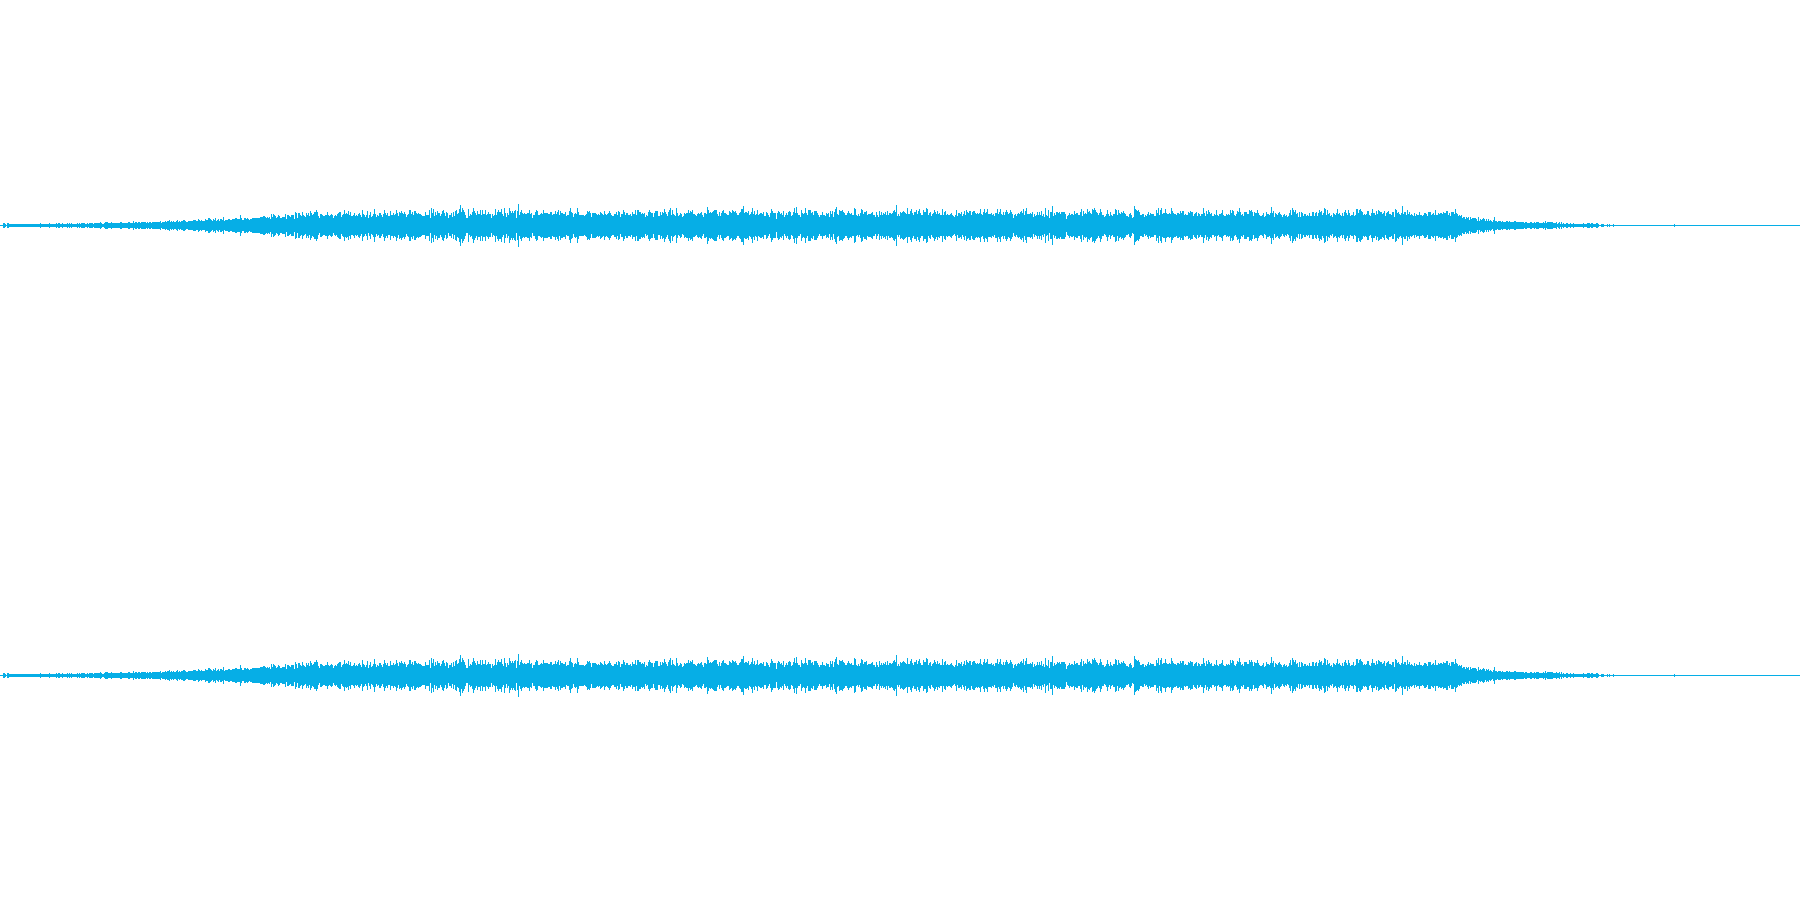 ドライヤー「ウイーン」の音です。の再生済みの波形